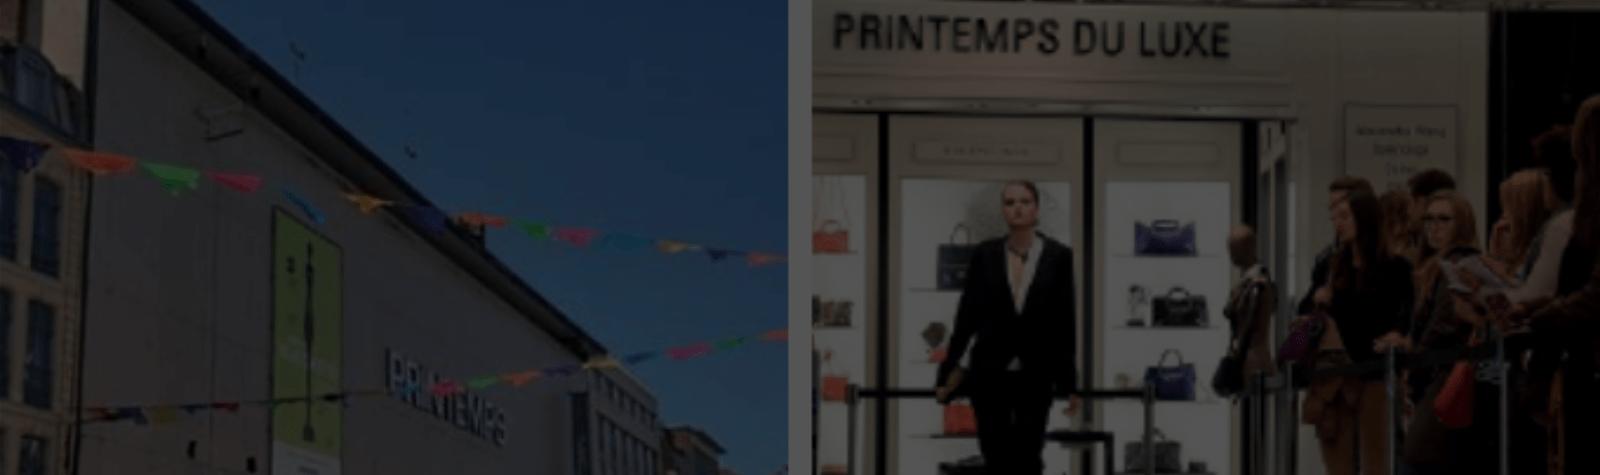 Lille : LaSalle vend l'immeuble du Printemps au groupe UNOFI pour la SCPI Notapierre